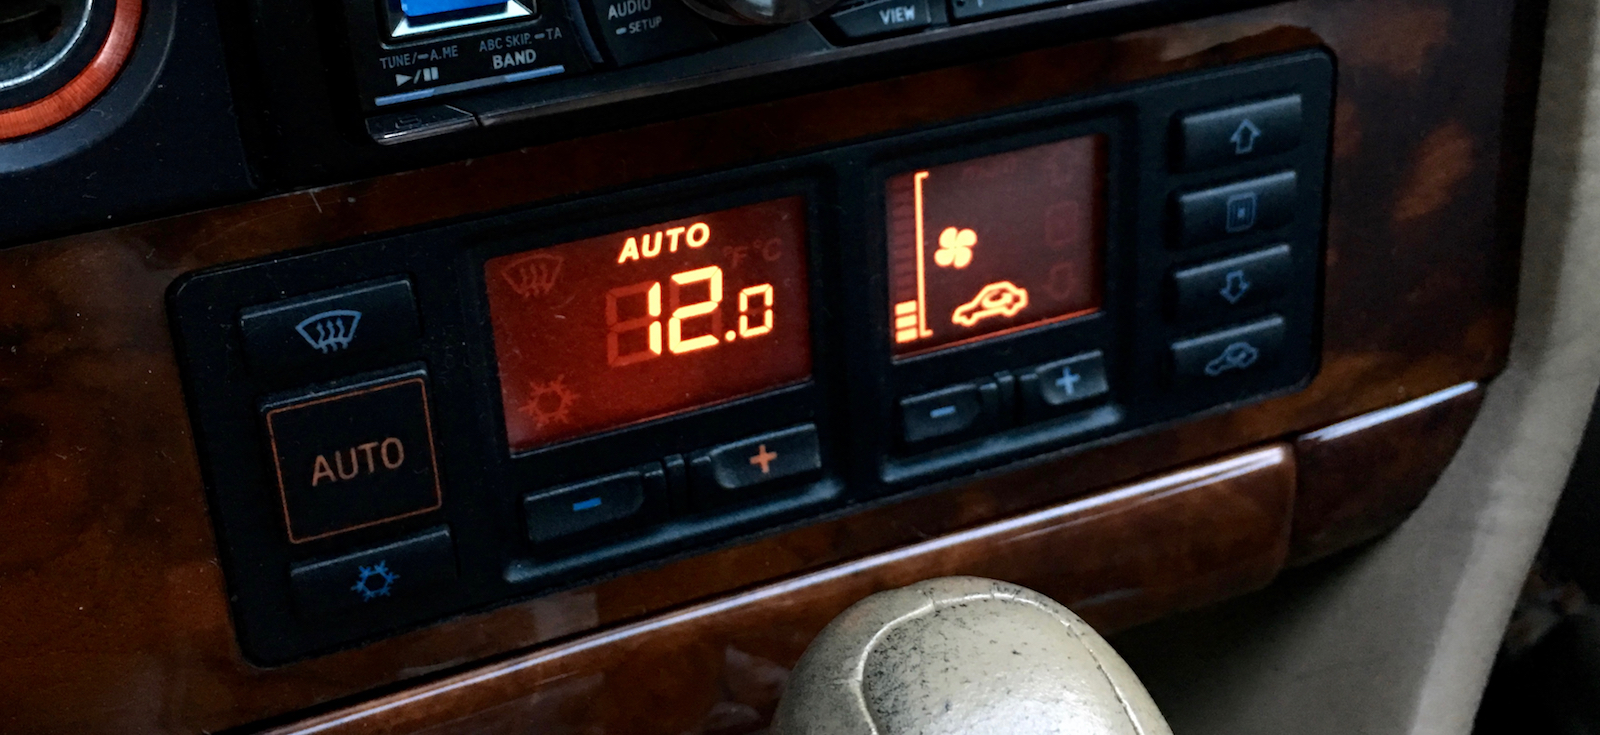 Über das Klimabedienteil lässt sich der Fehlerspeicher auslesen. Die Lichtmaschine lädt nur noch mit 12,0 Volt. Das ist deutlich zu wenig.